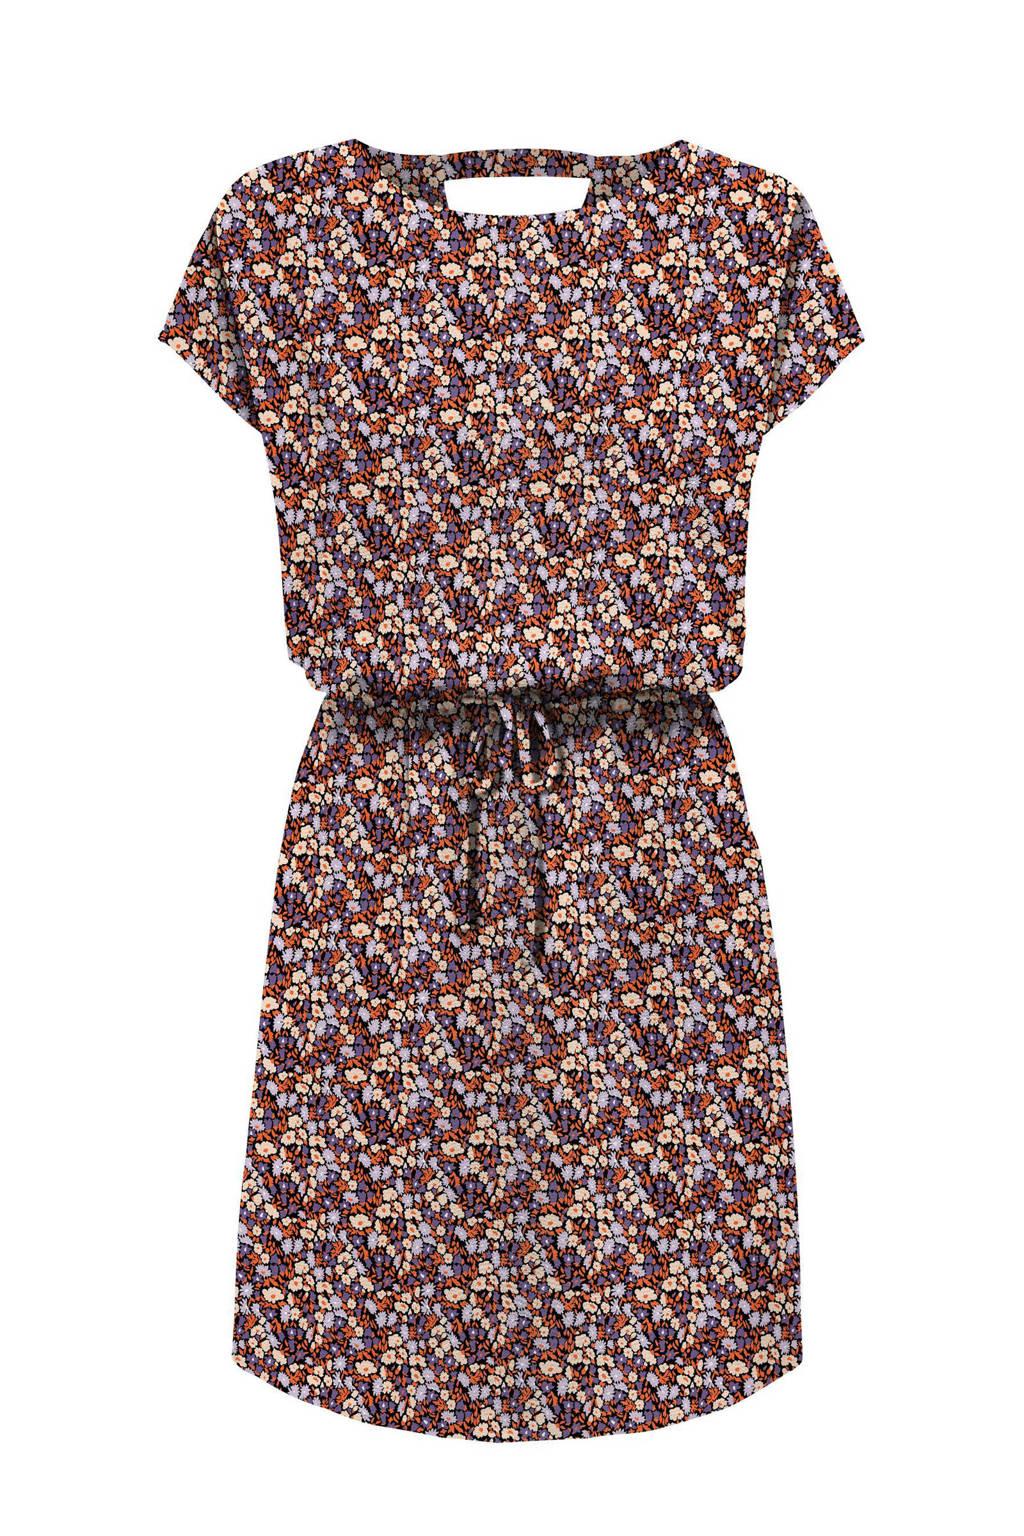 ONLY jurk ONLNOVA met all over print en open detail rood/paars/ecru, Rood/paars/ecru